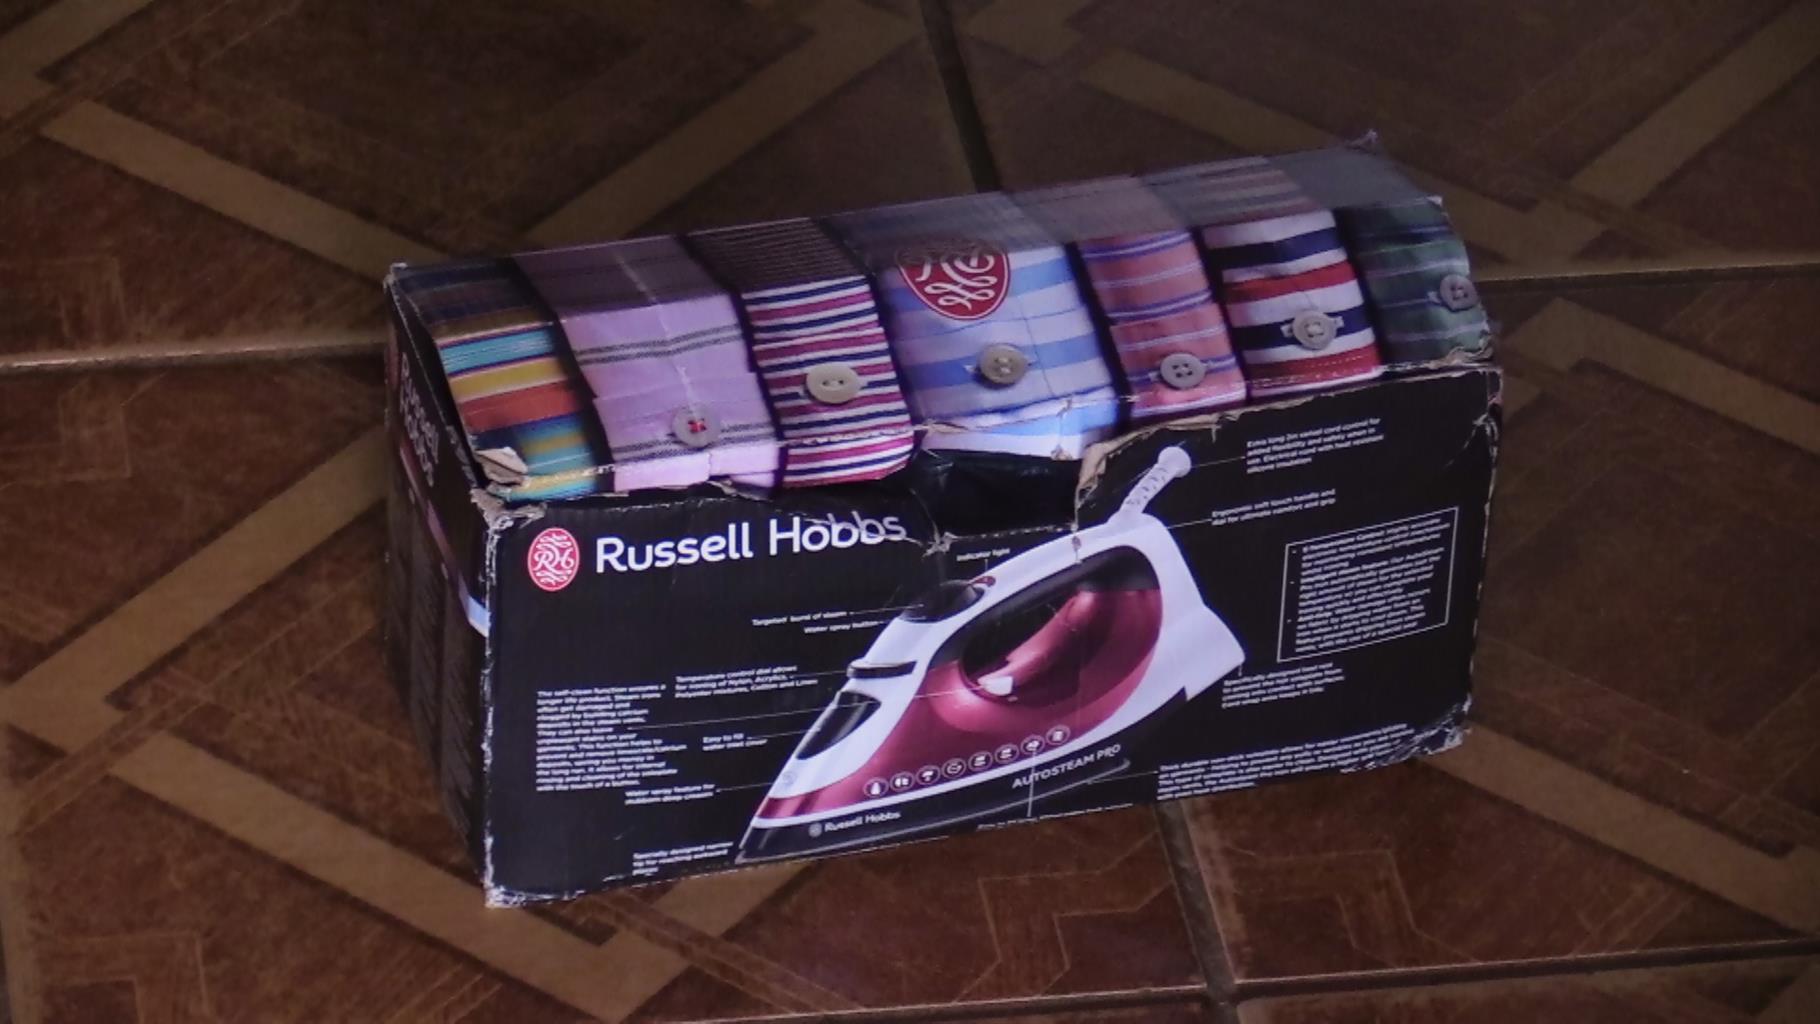 Rusell hobbs Iron